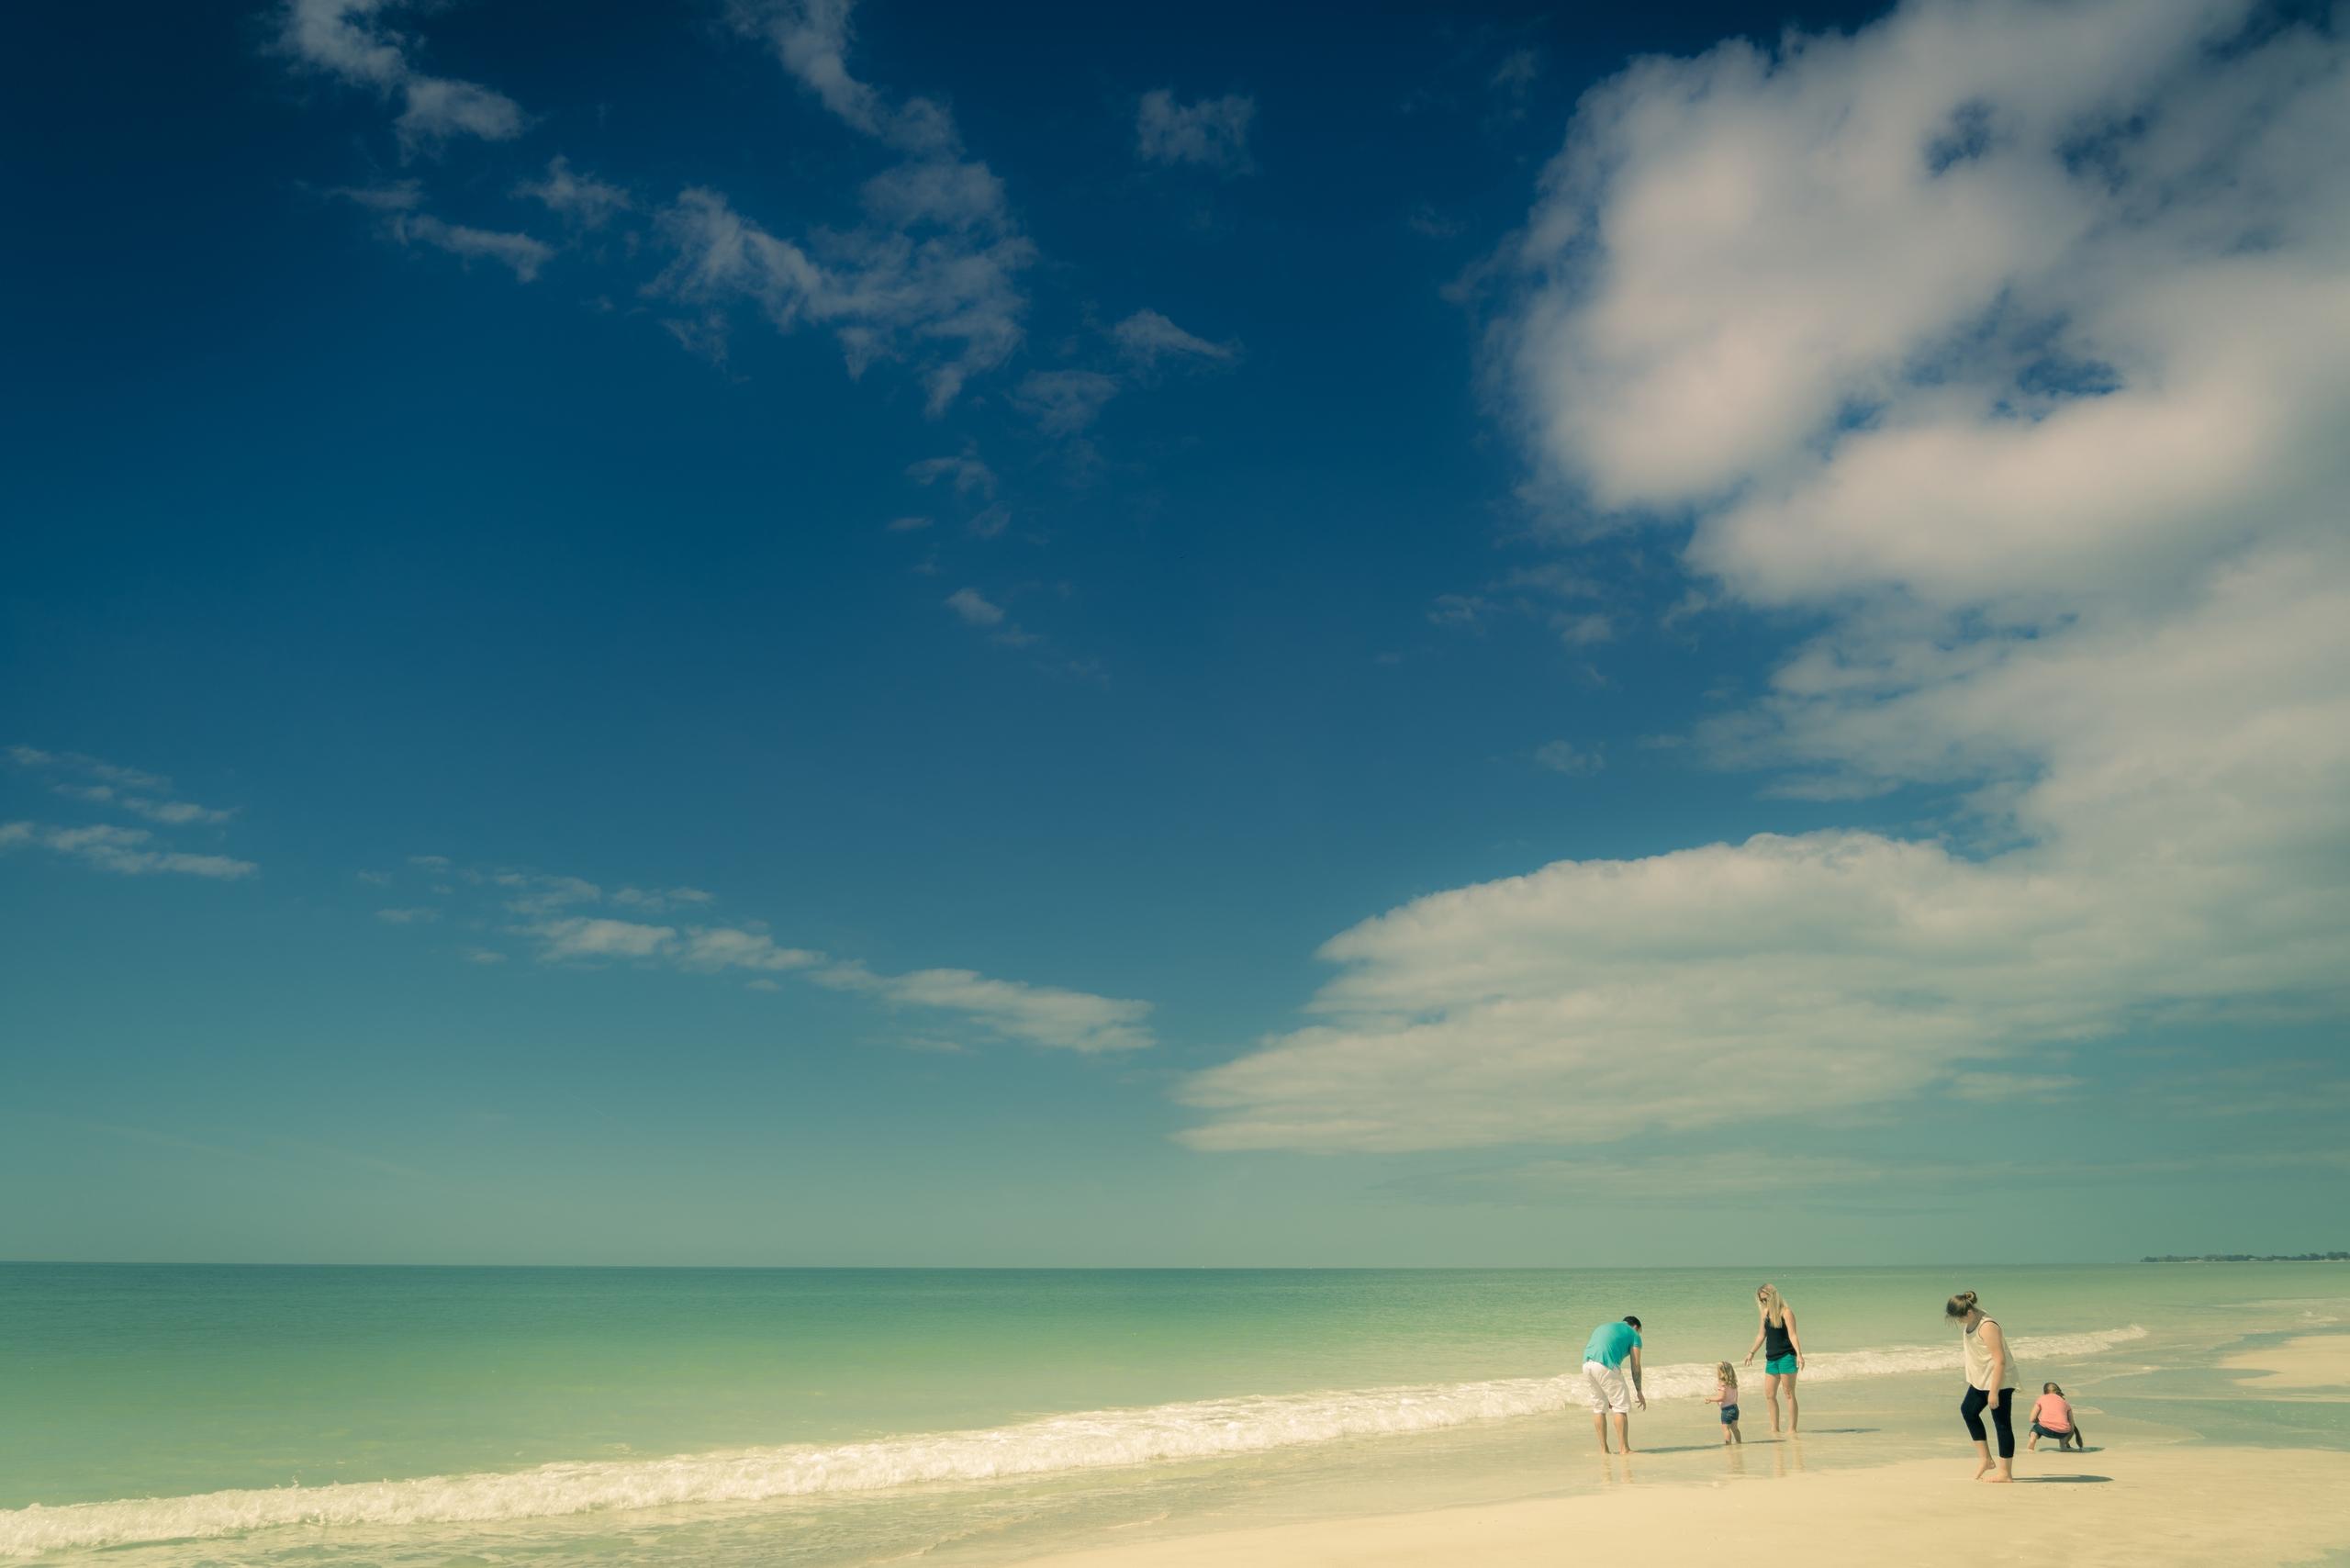 BeachSunday.jpg